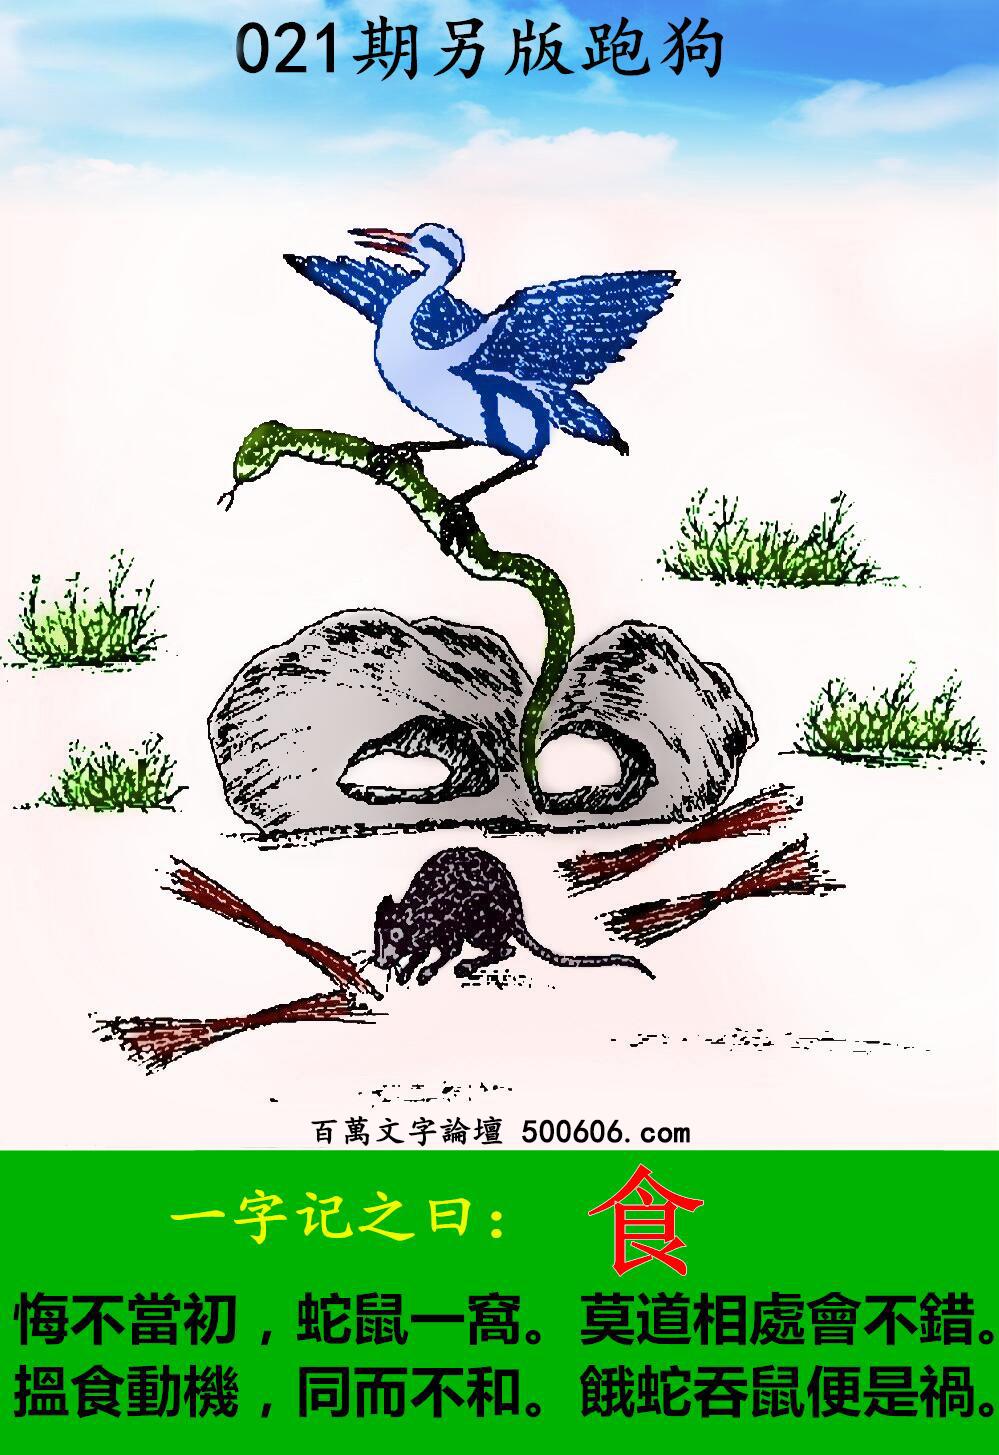 021期另版跑狗玄�C:【食】悔不��初,蛇鼠一�C。莫道相���不�e。��食��C,同而不和。�I蛇吞鼠便是�。